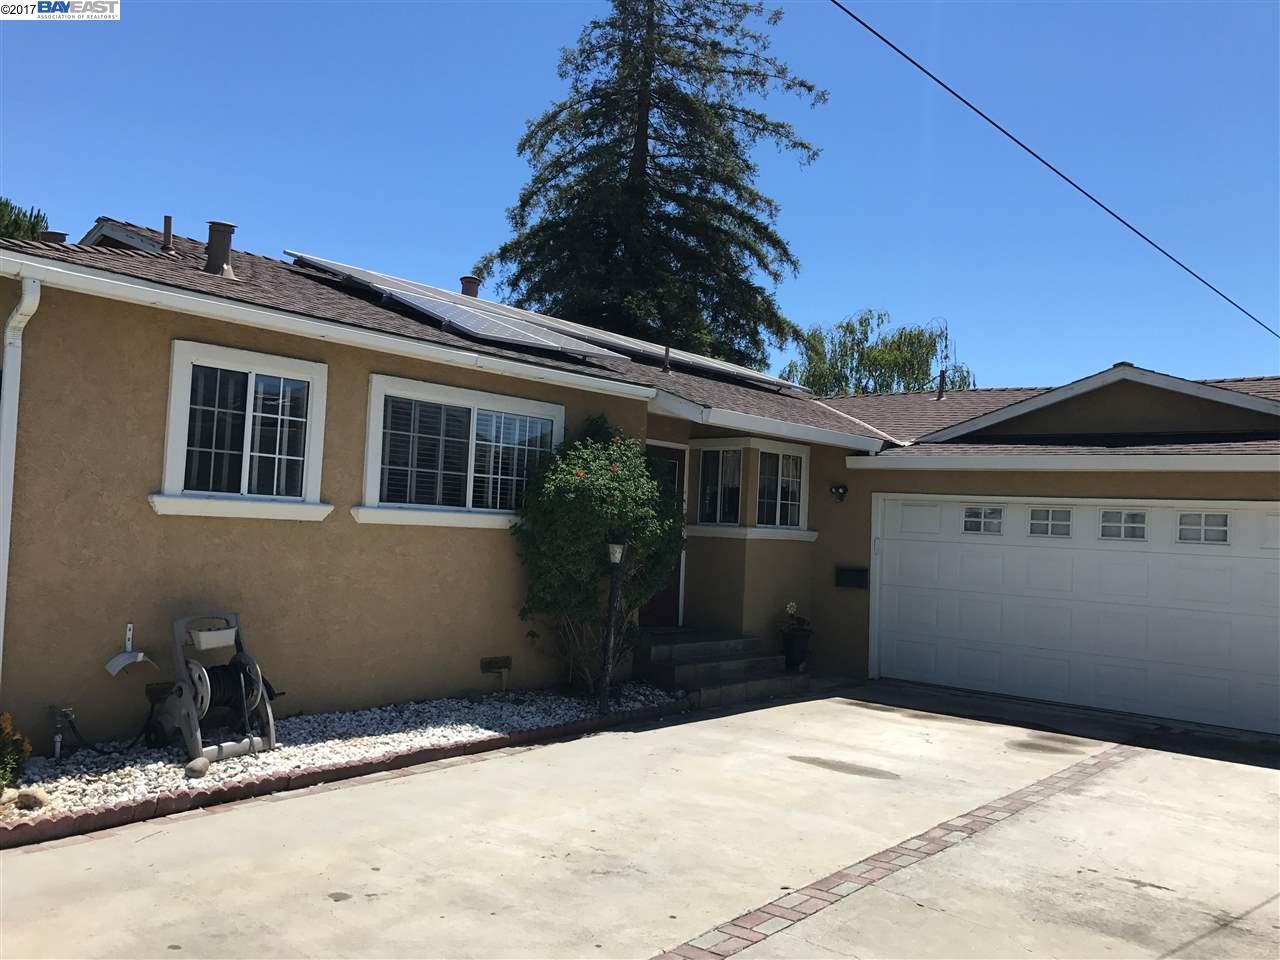 6590 Fountaine Ave, NEWARK, CA 94560